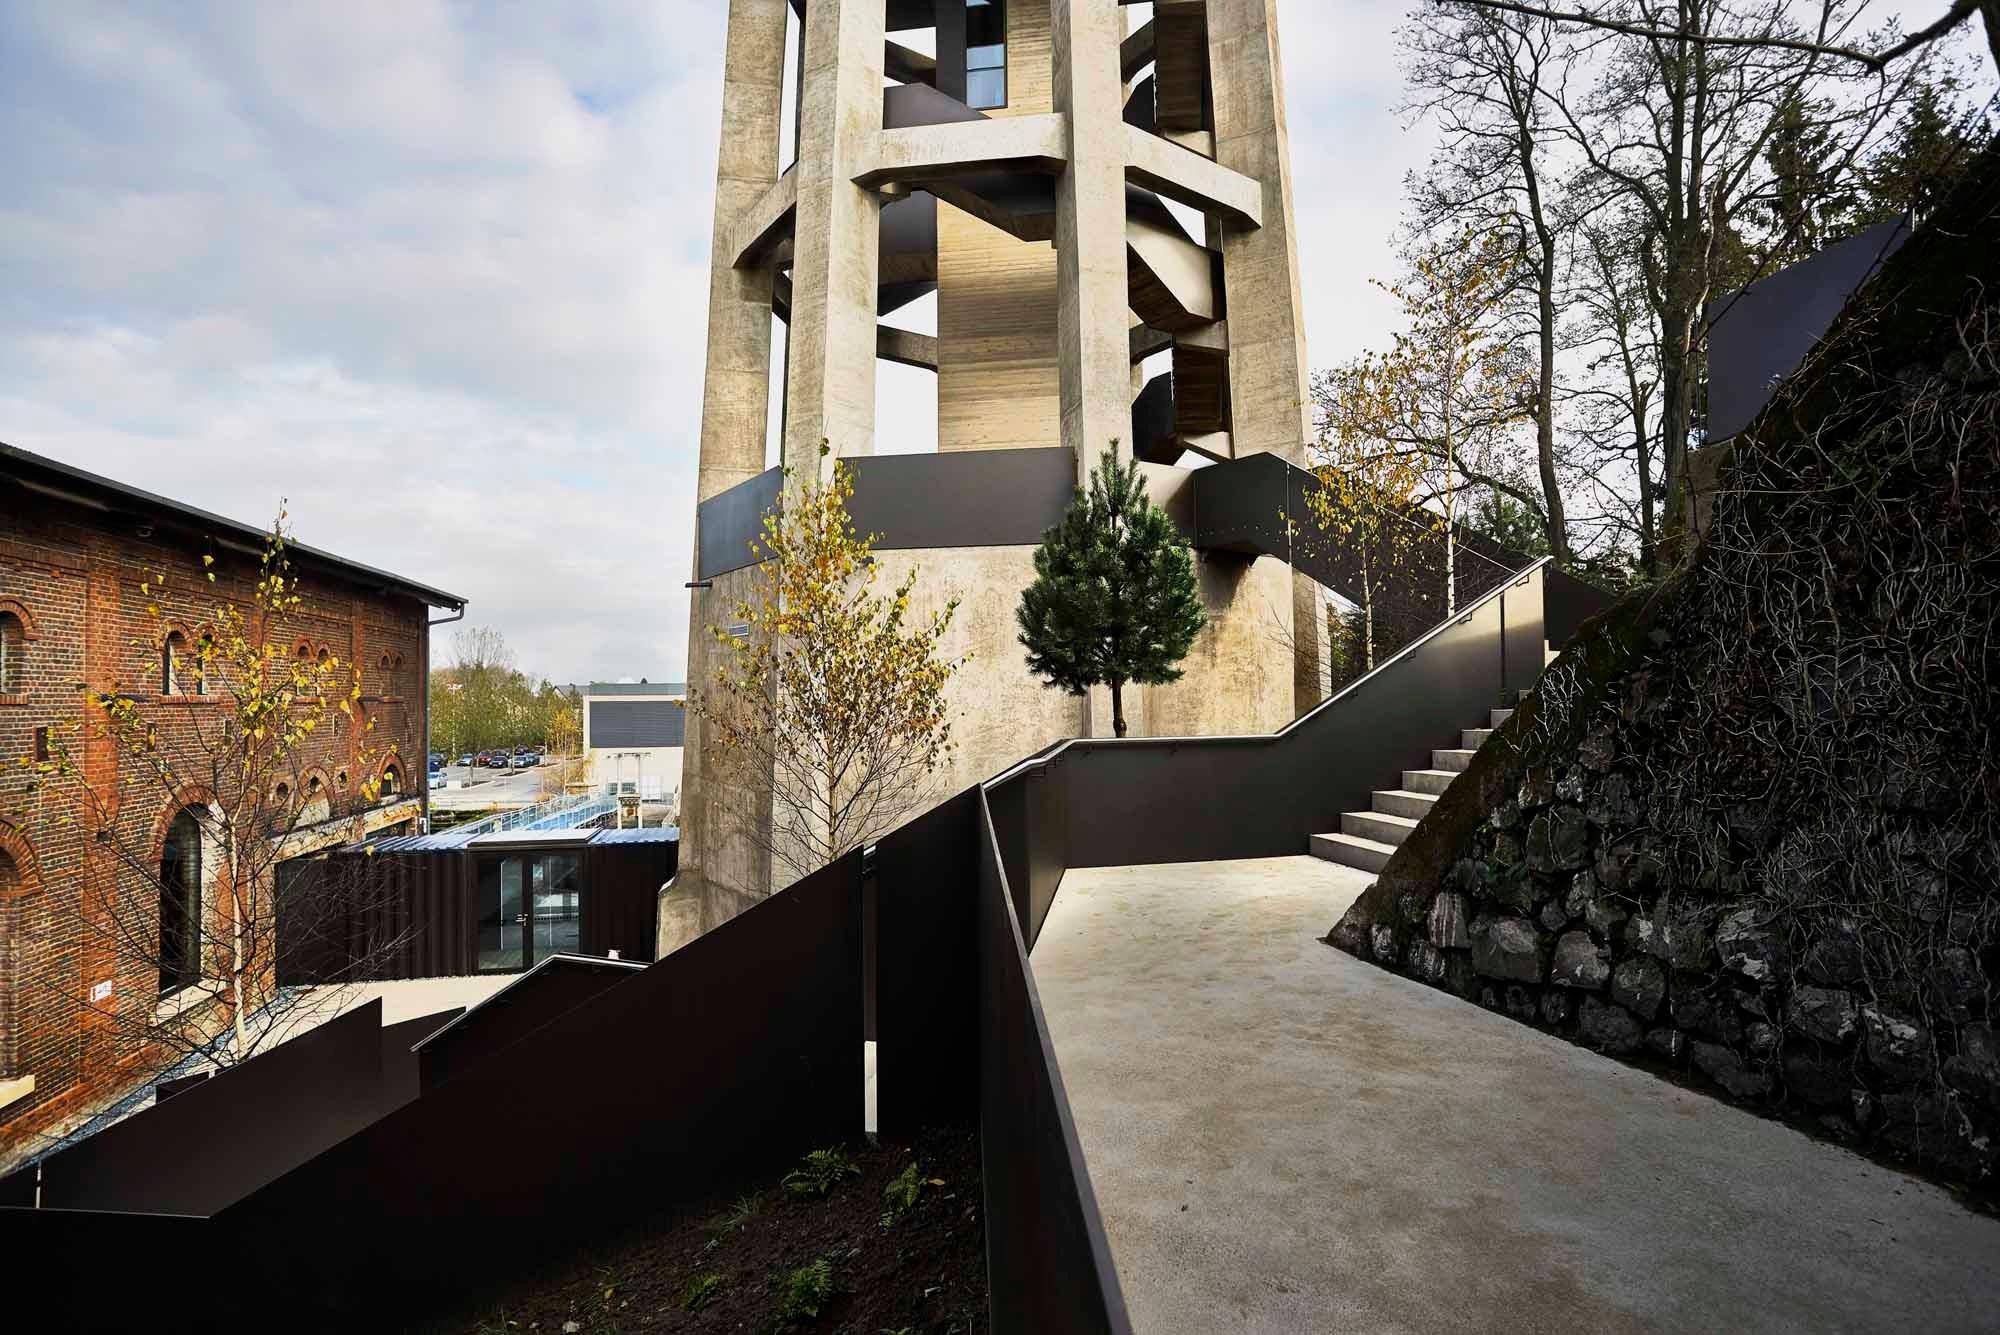 Wasserturm In Dudelange Beton Sonderbauten Baunetz Wissen